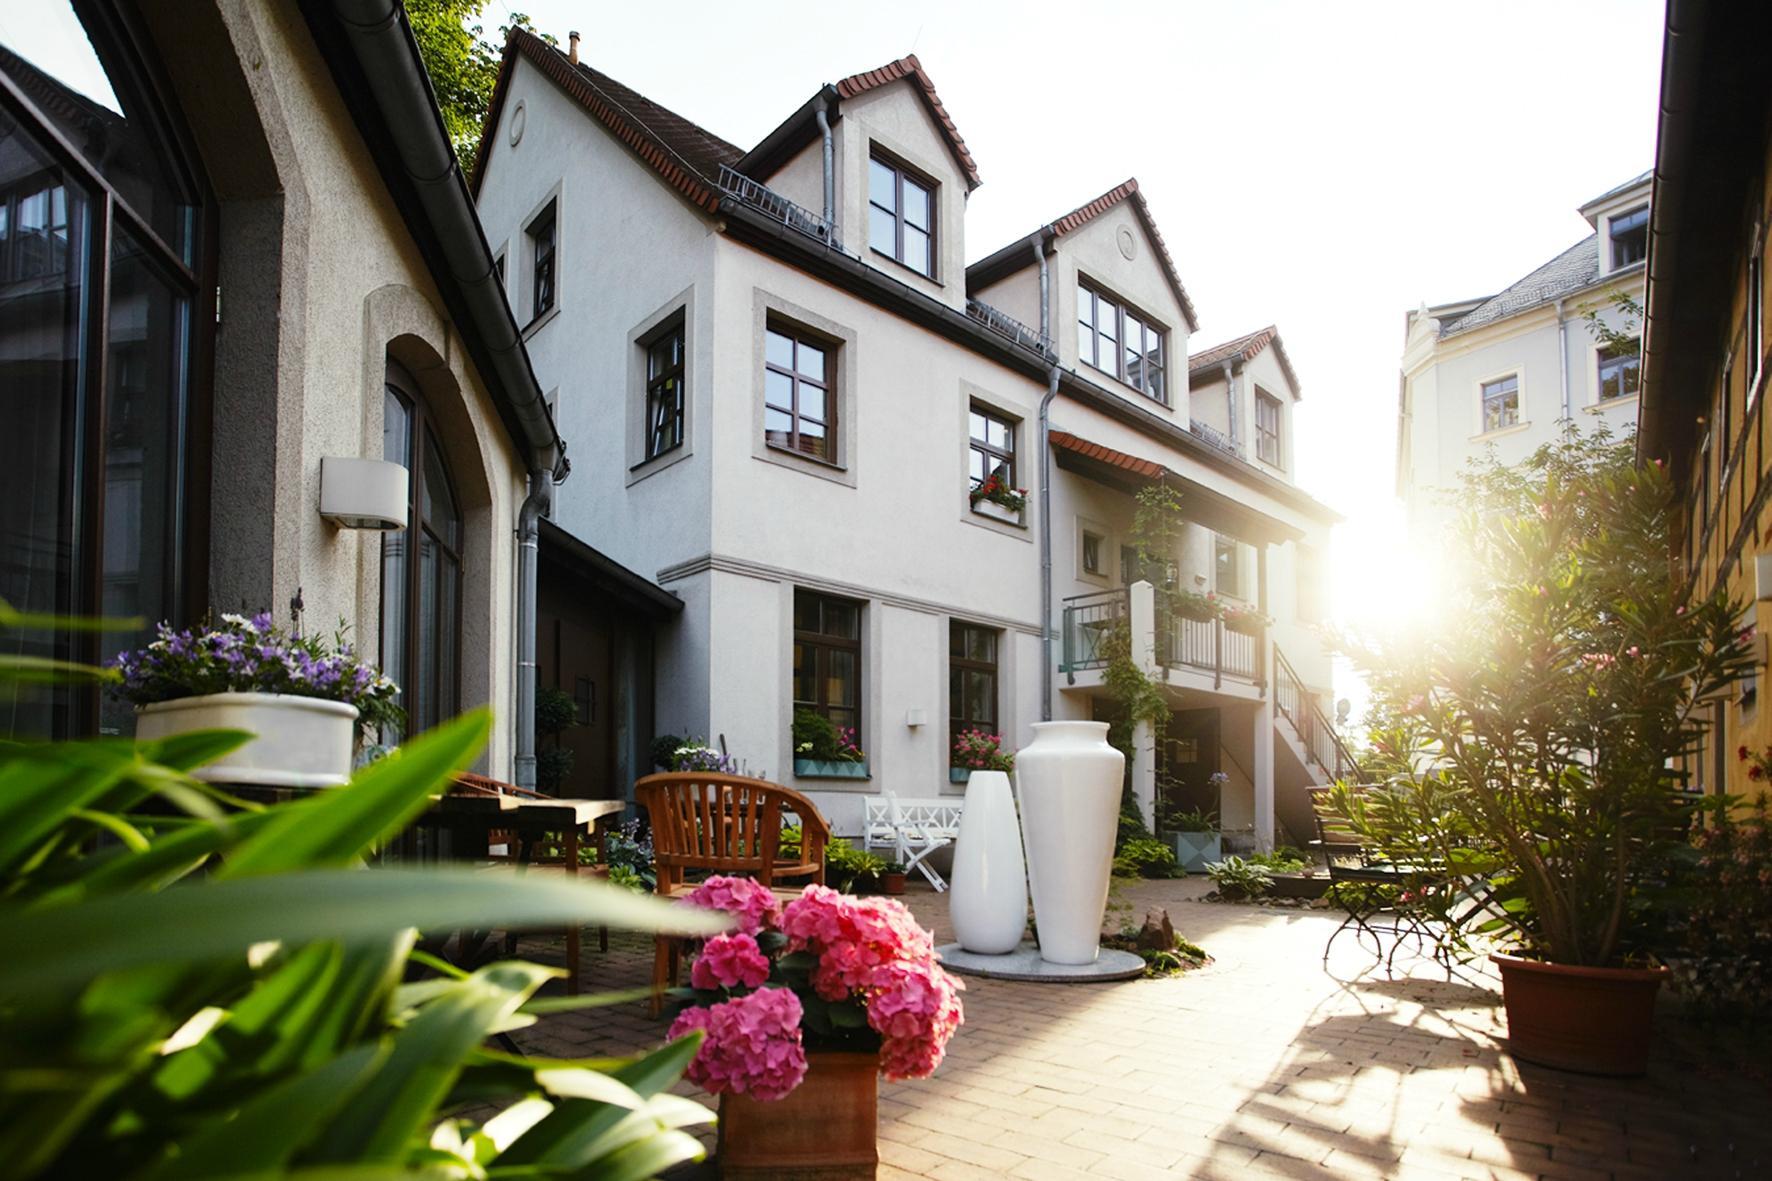 Hotel Faehrhaus Meissen